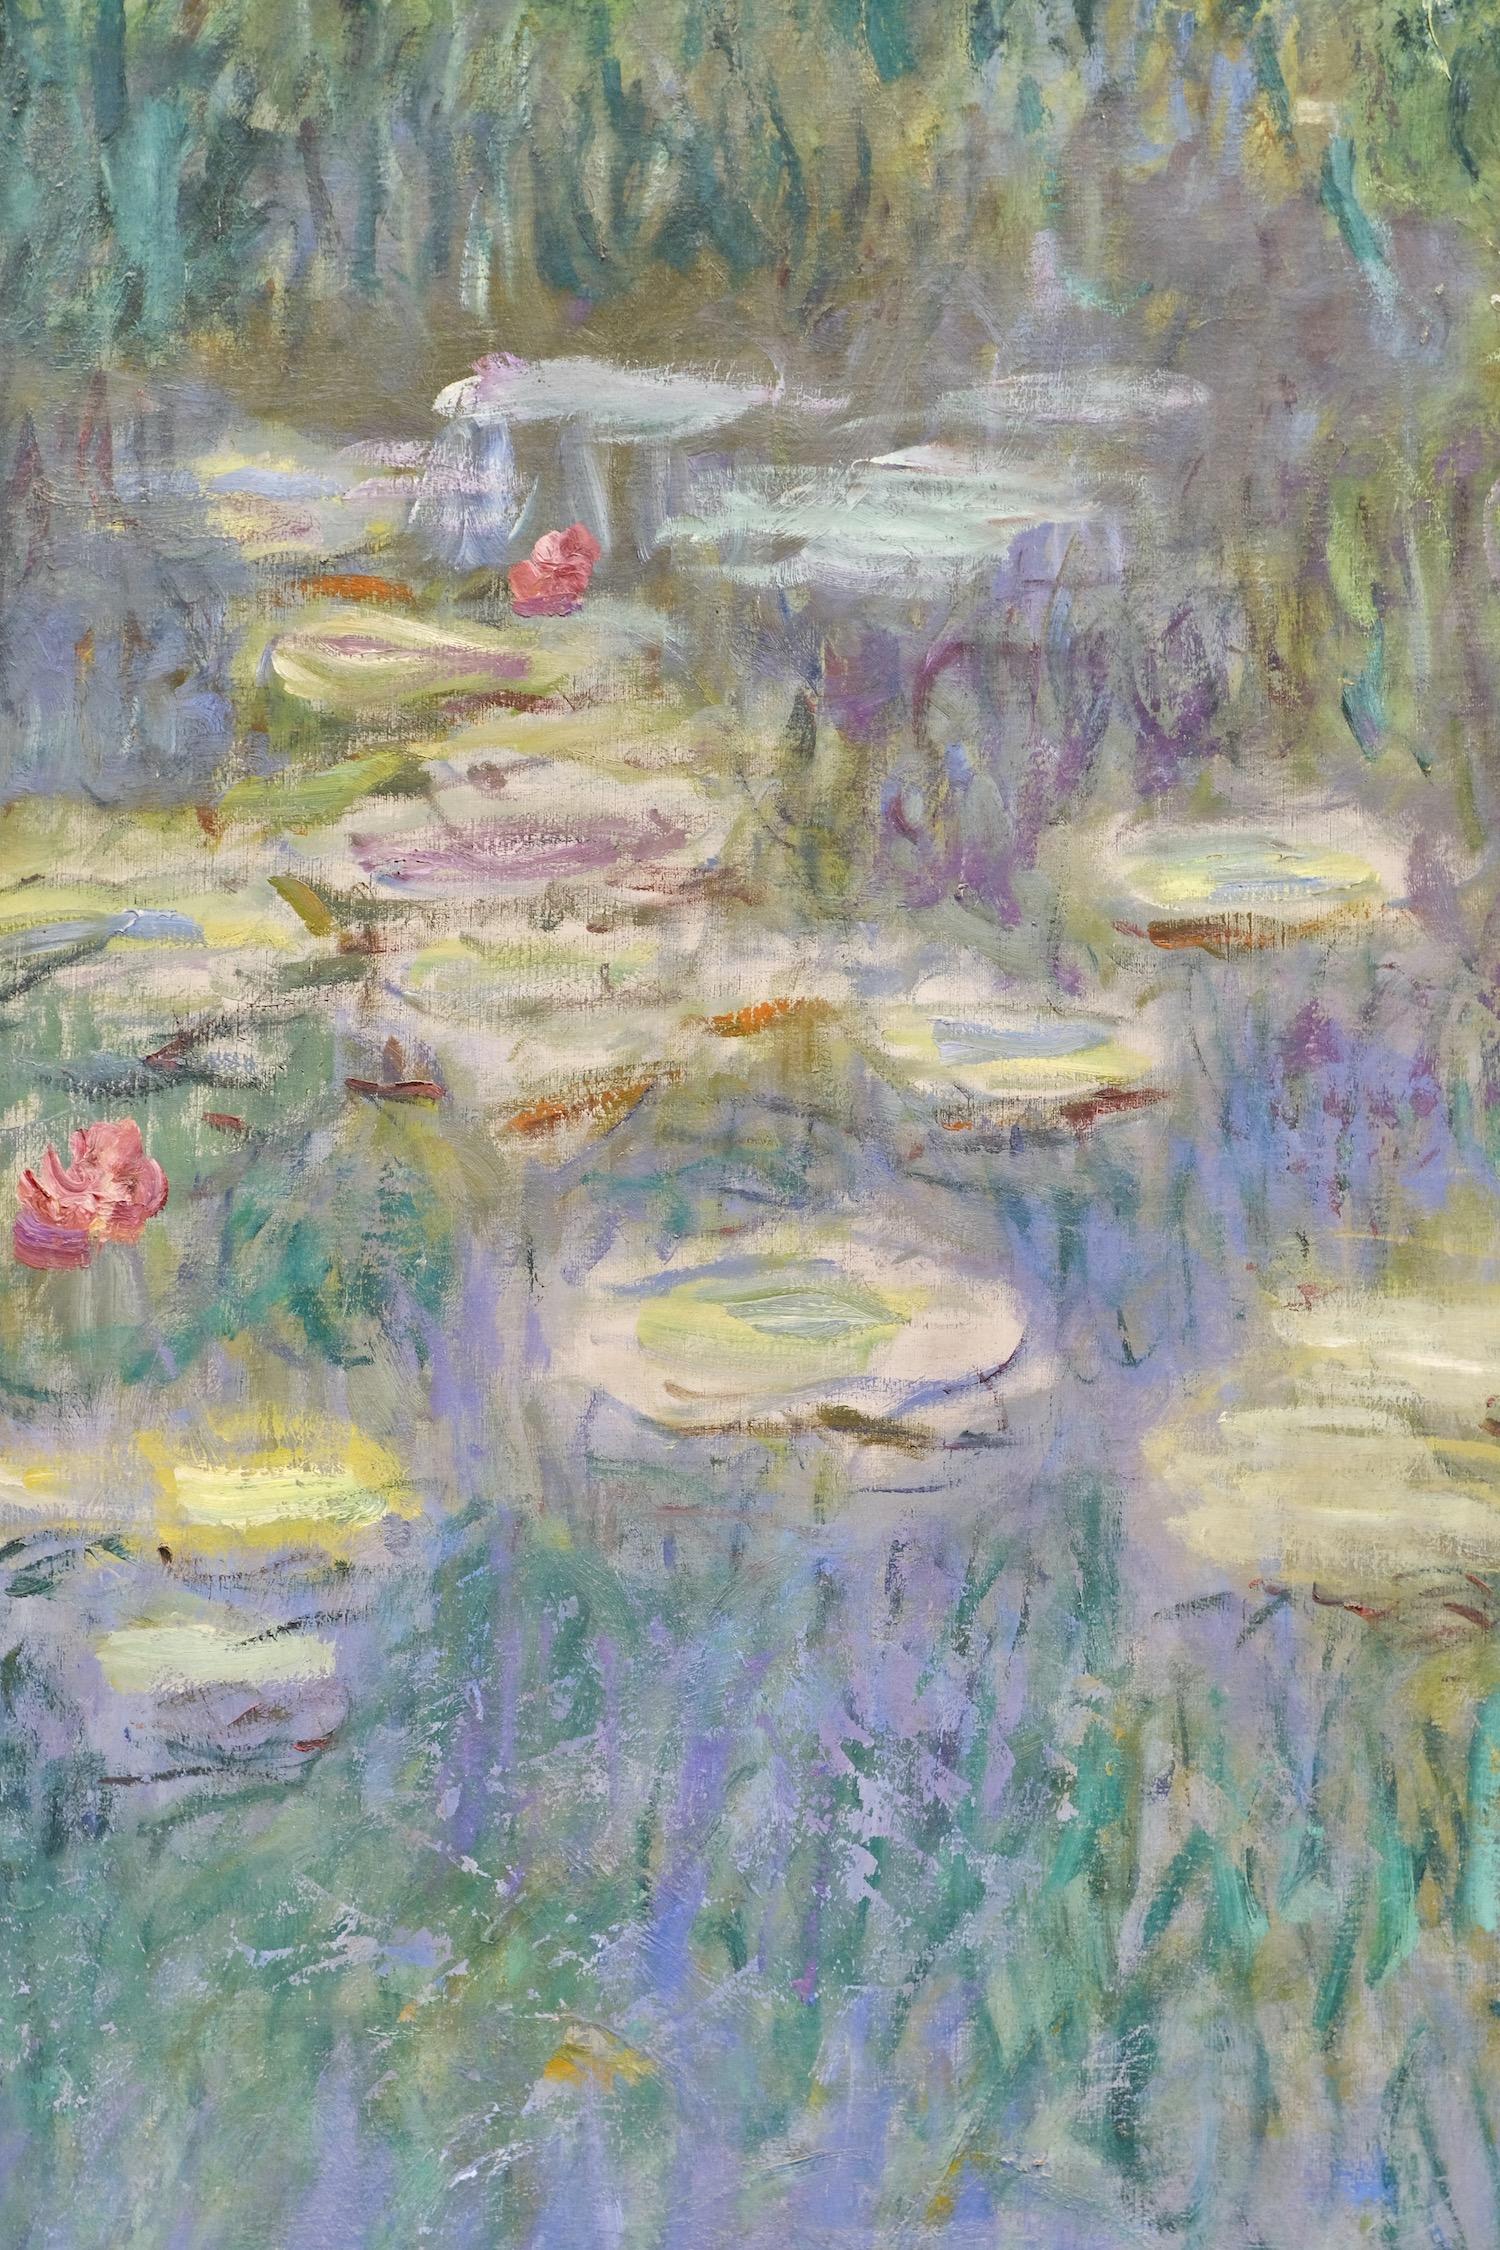 Monet's brushstrokes